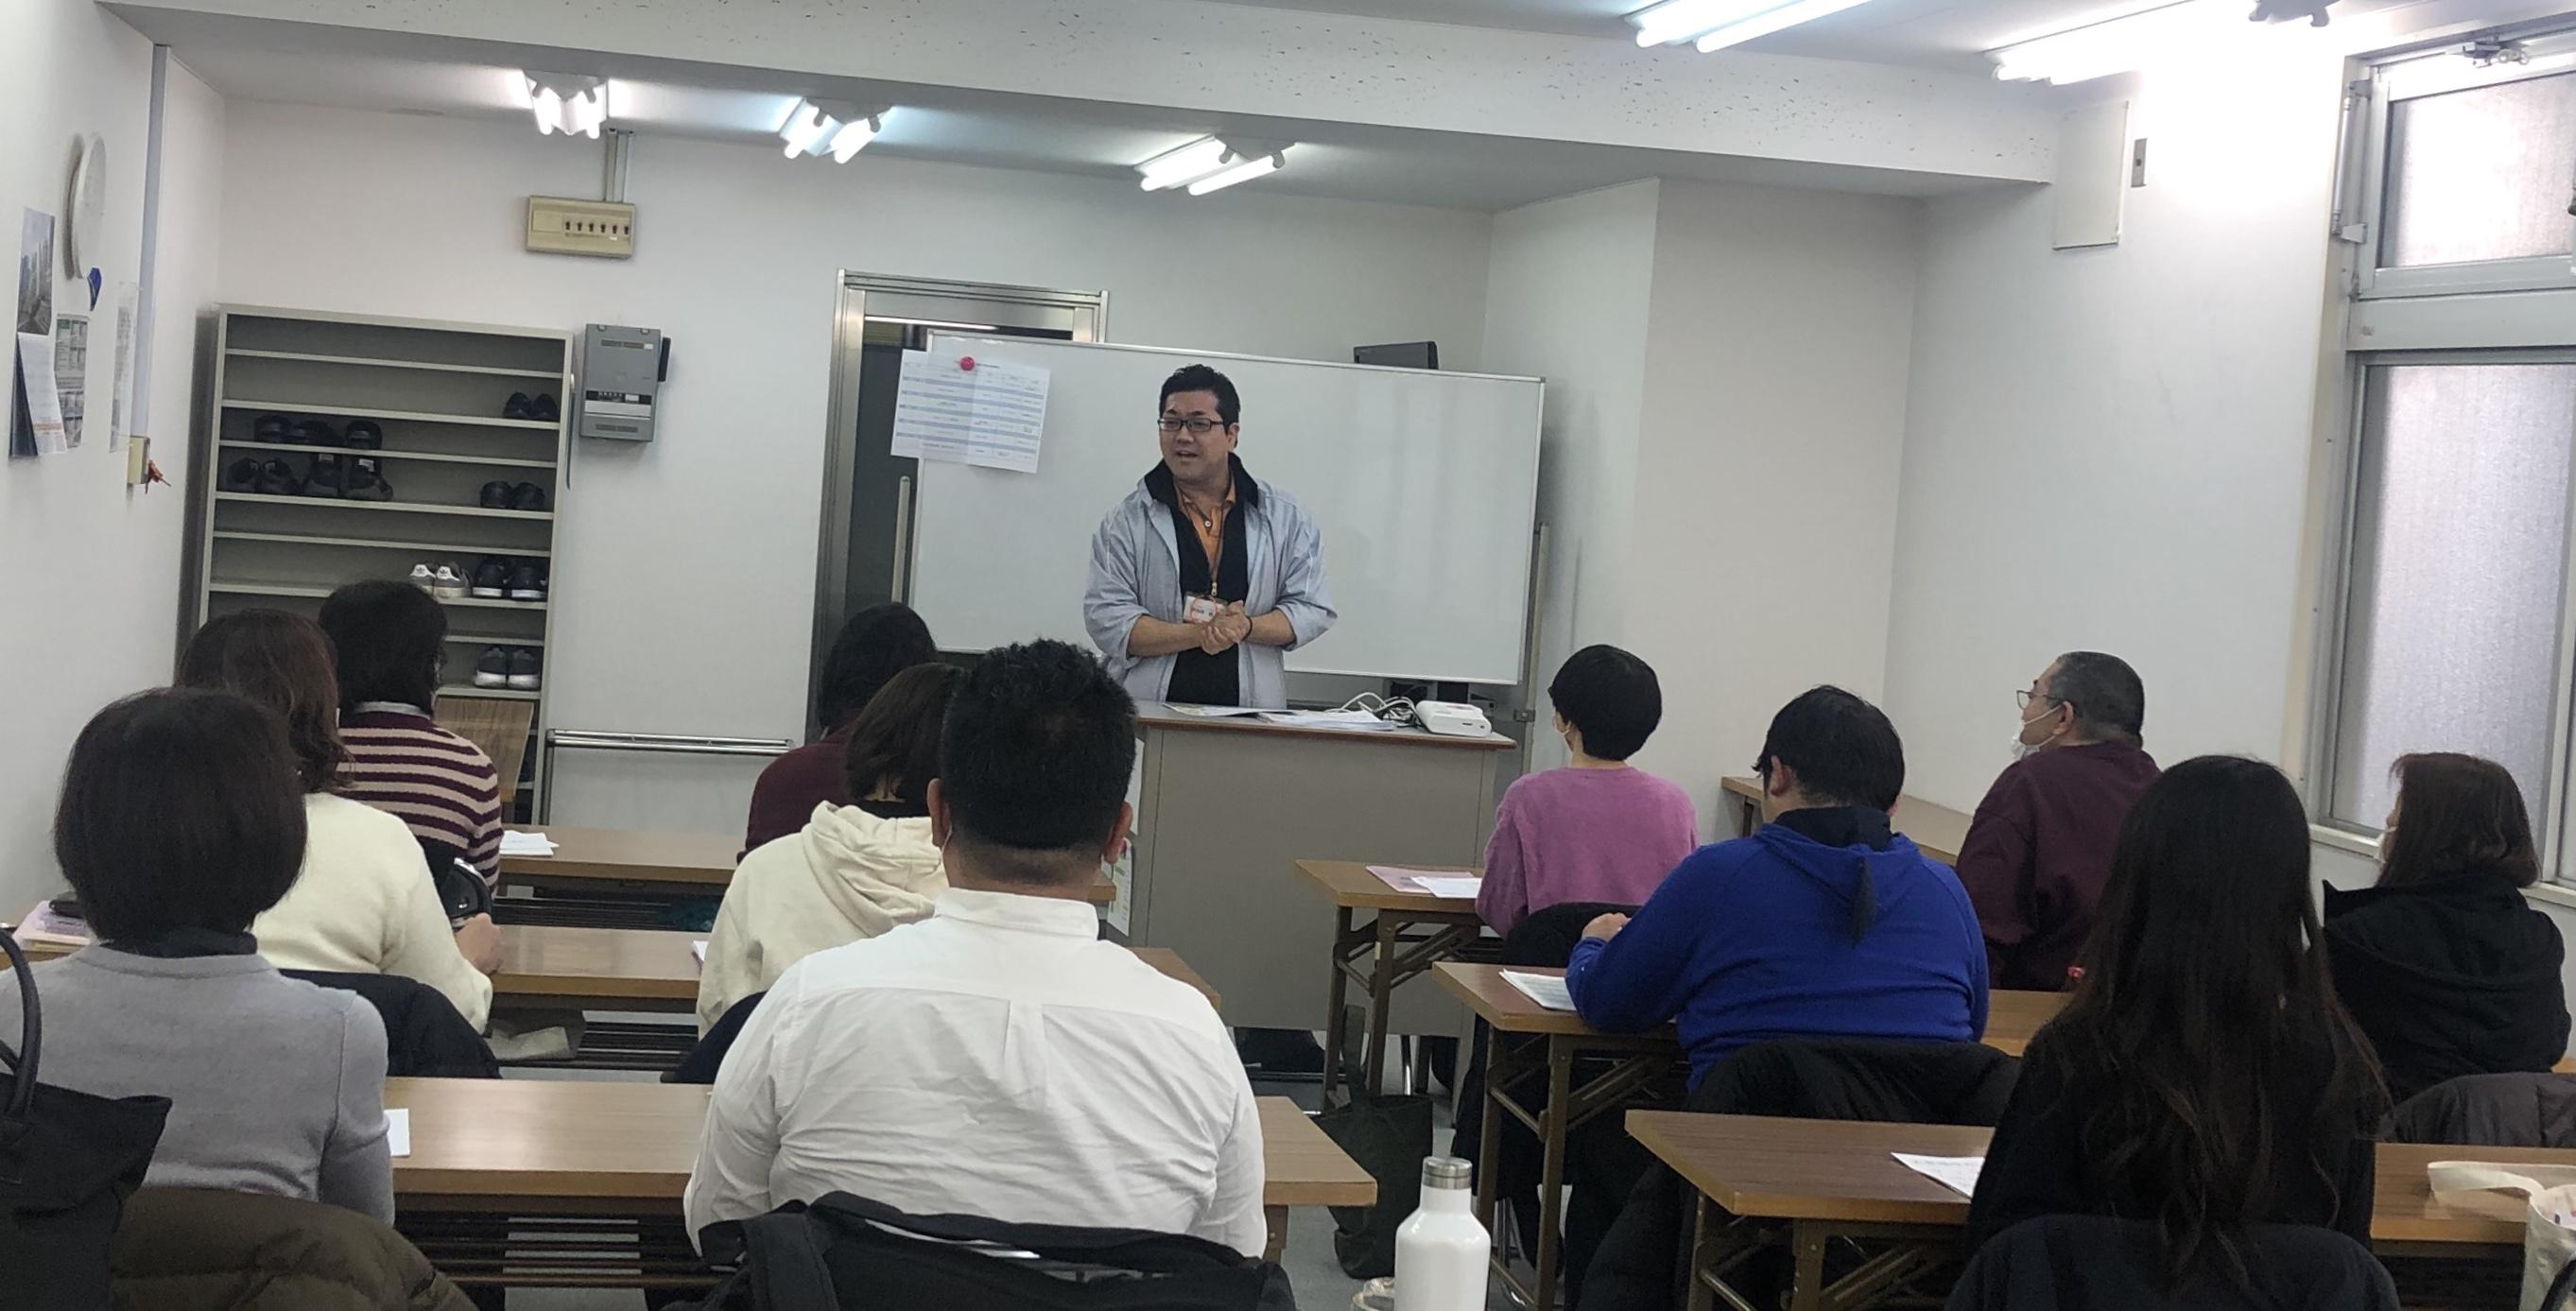 藤仁館医療福祉カレッジ 南浦和校にて事業所説明会をさせて頂きました♪